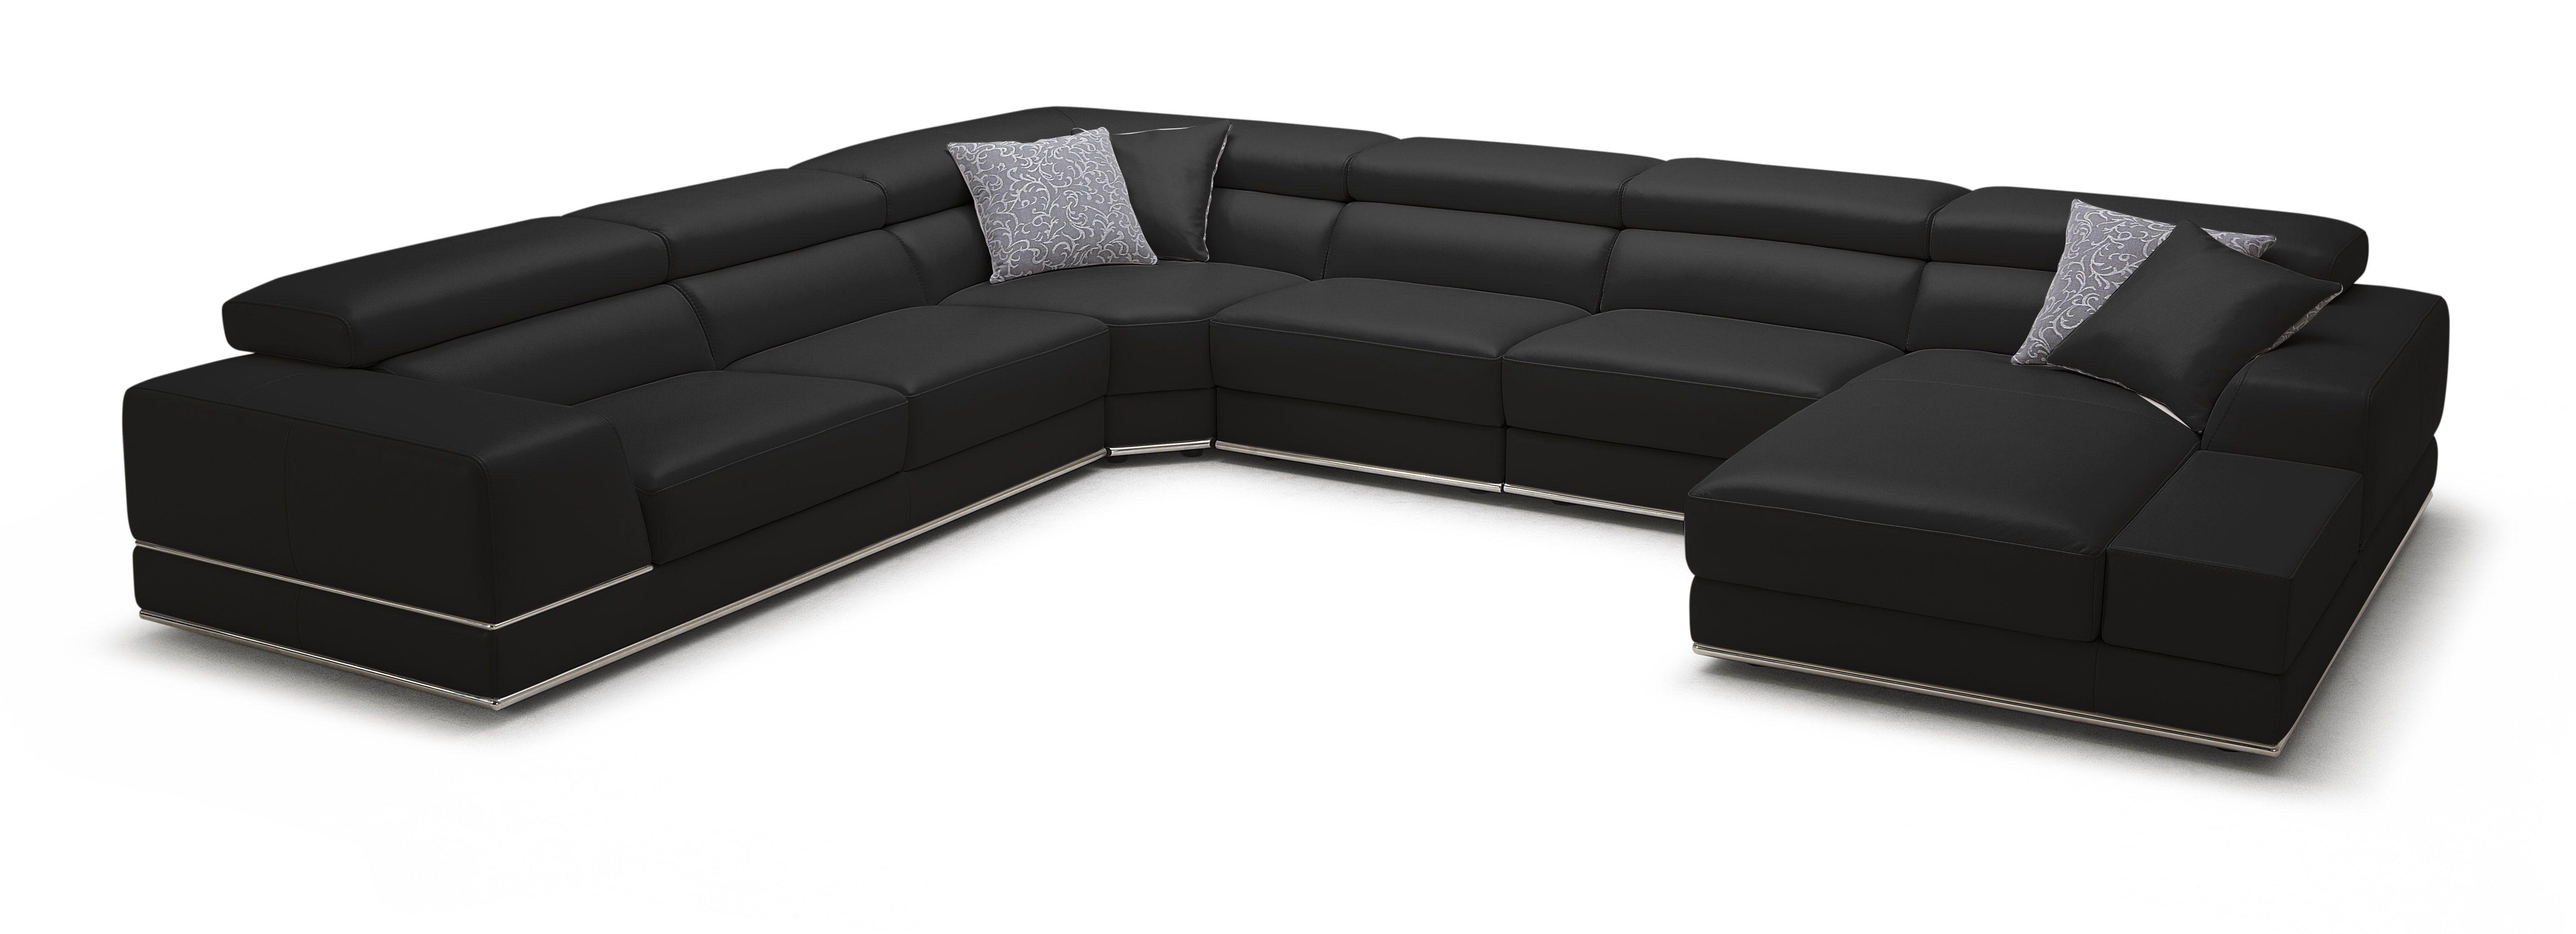 Bergamo Extended Sectional Leather Modern Sofa Black Modern